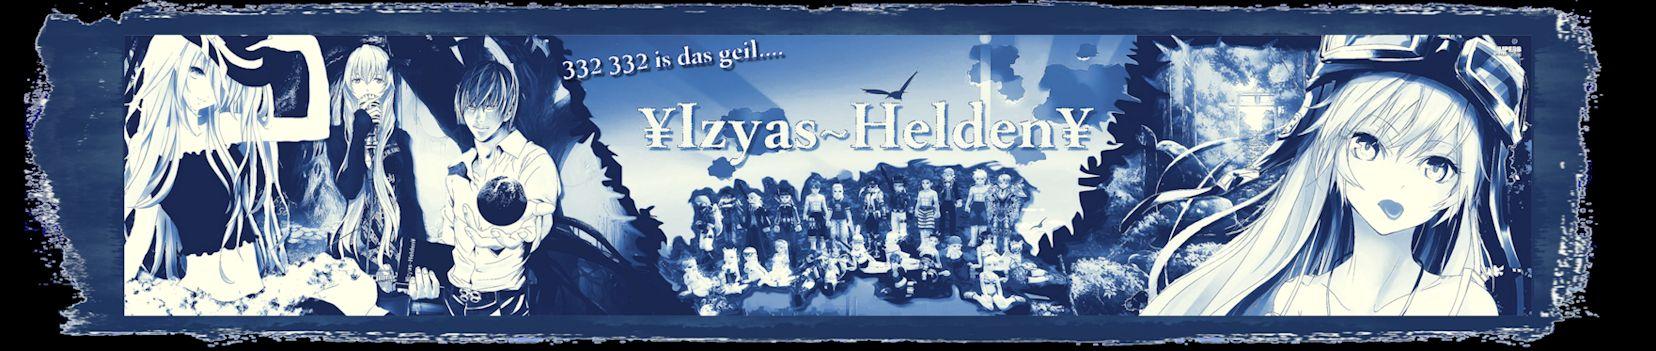 ¥Izyas~Helden¥